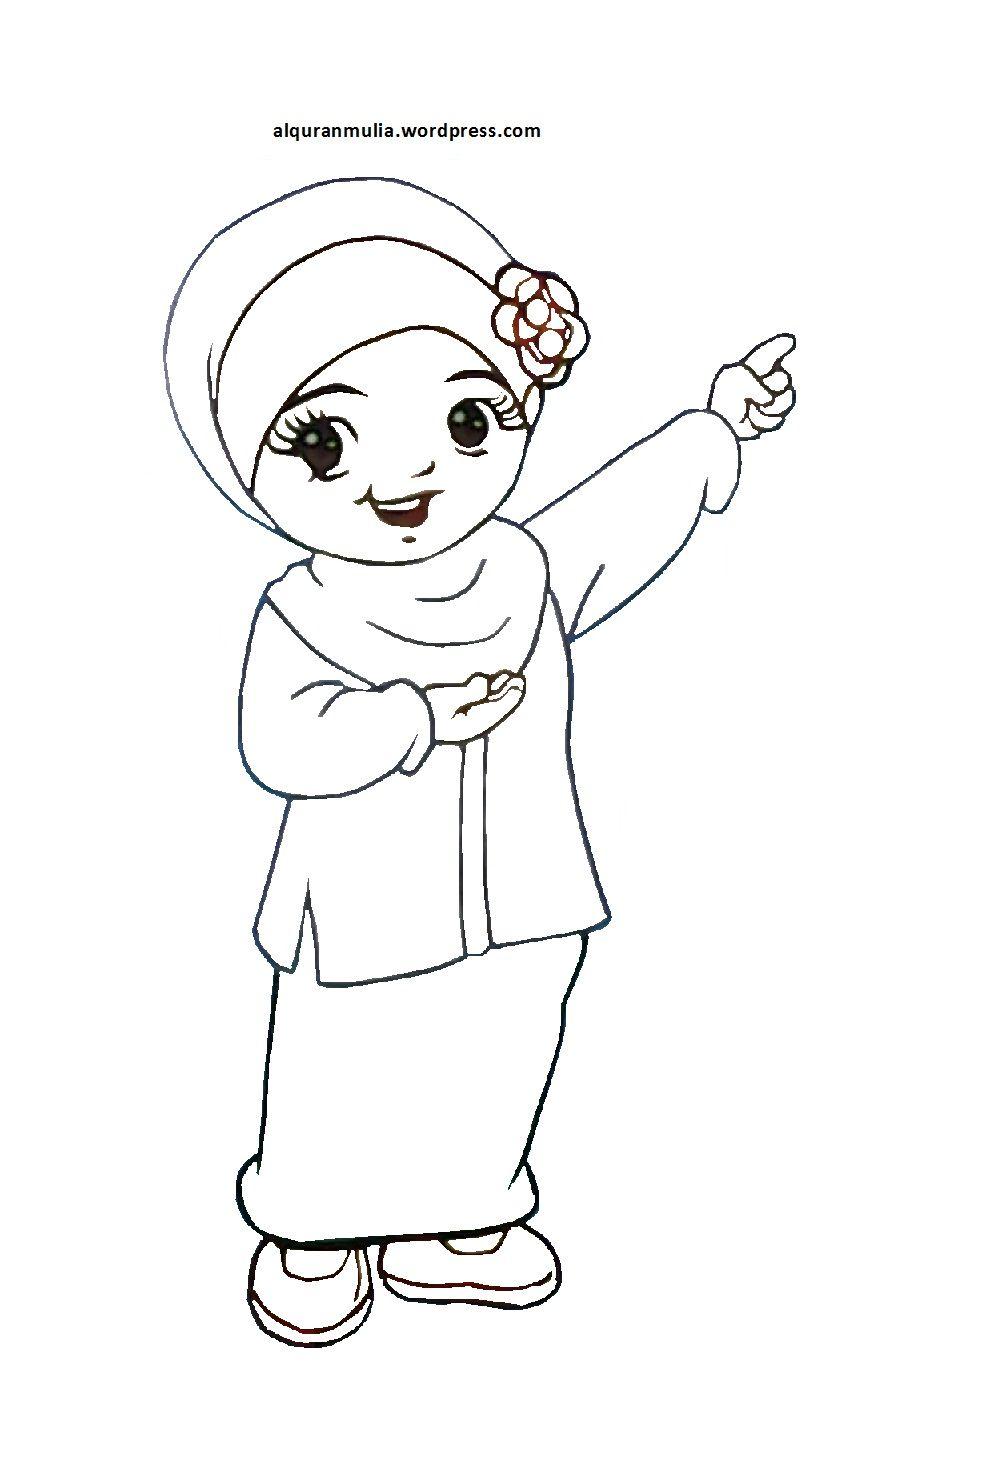 Mewarnai Gambar Islami Untuk Anak : mewarnai, gambar, islami, untuk, Mewarnai, Gambar, Kartun, Muslimah, Alqur\u002639;anmulia, Islami, Sanat,, Çizim,, Sanat